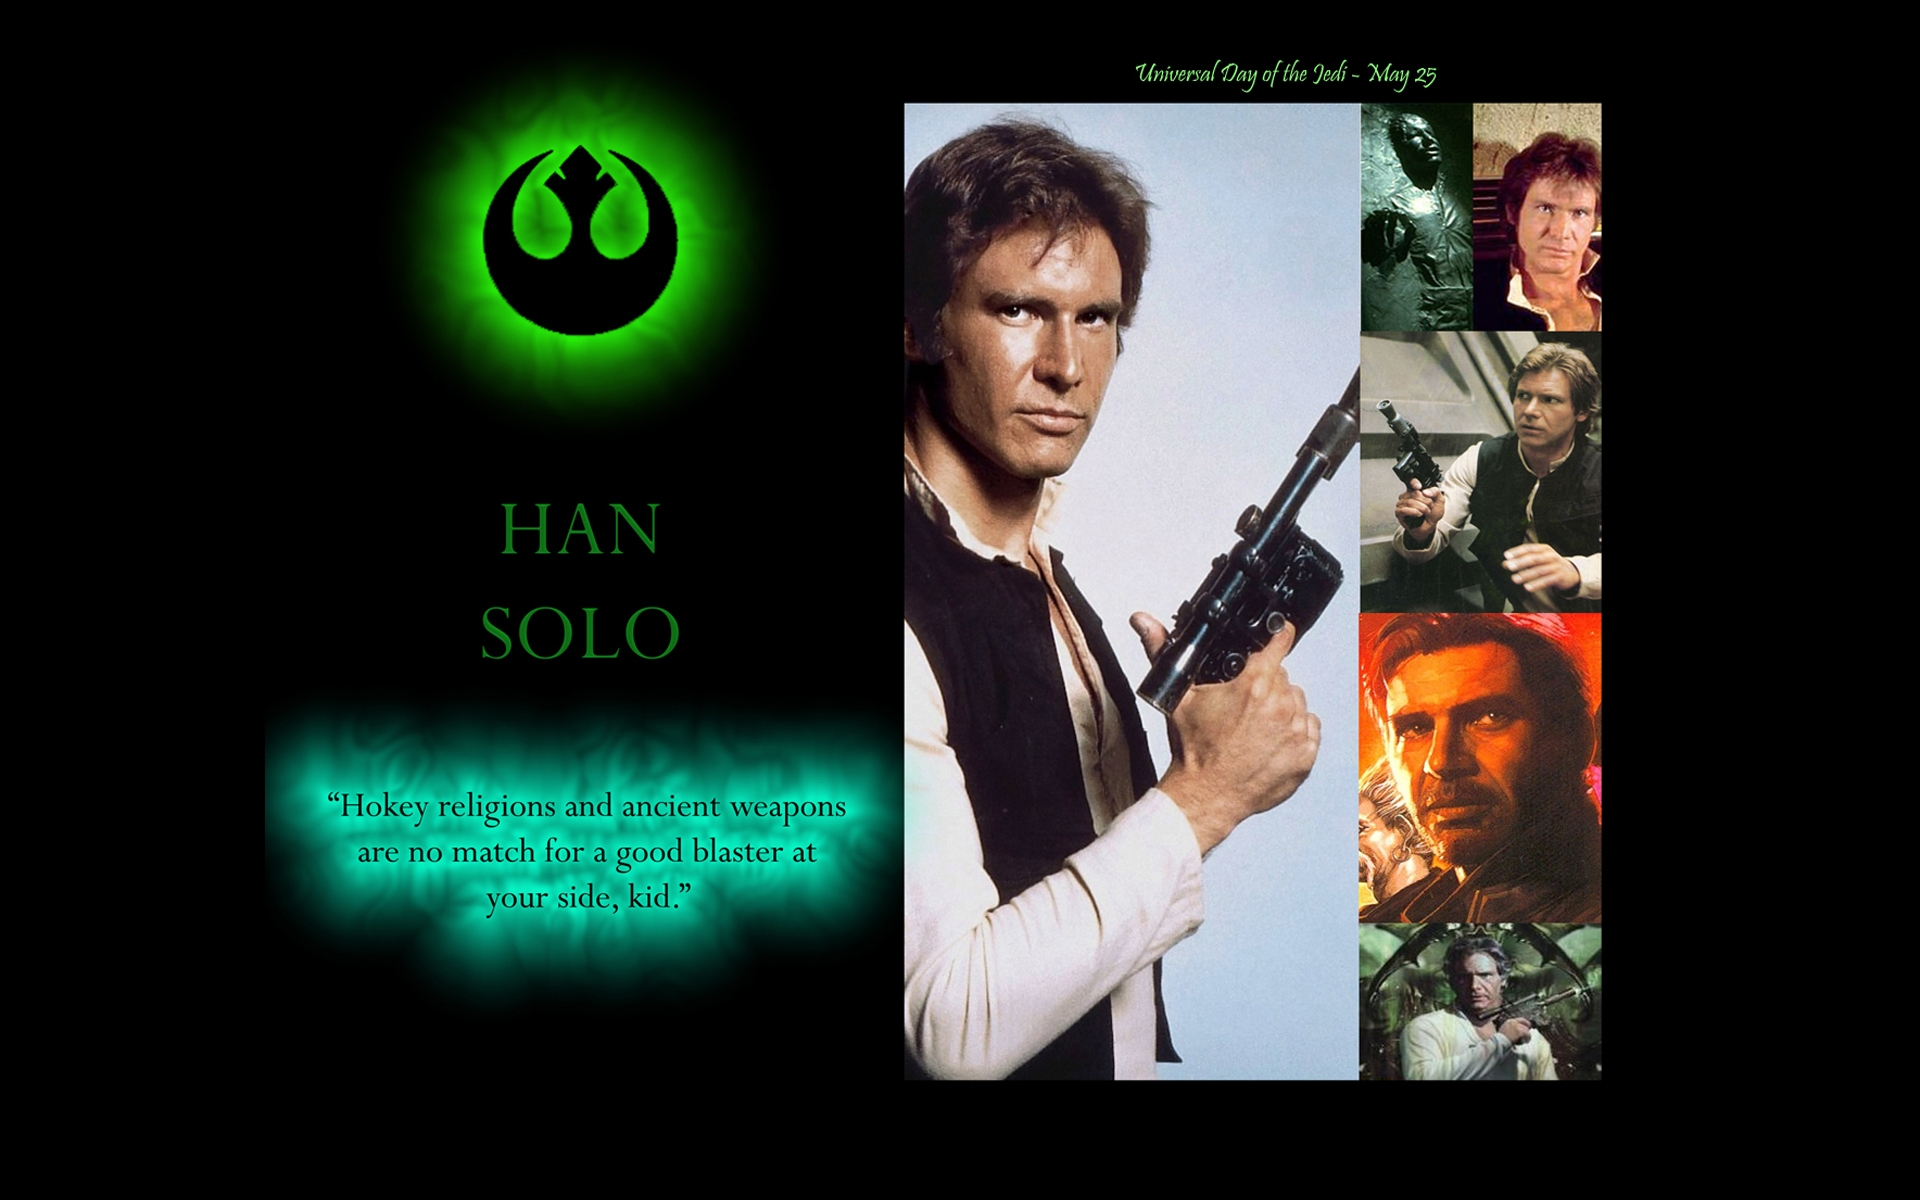 Star Wars Han Solo Hd Wallpaper